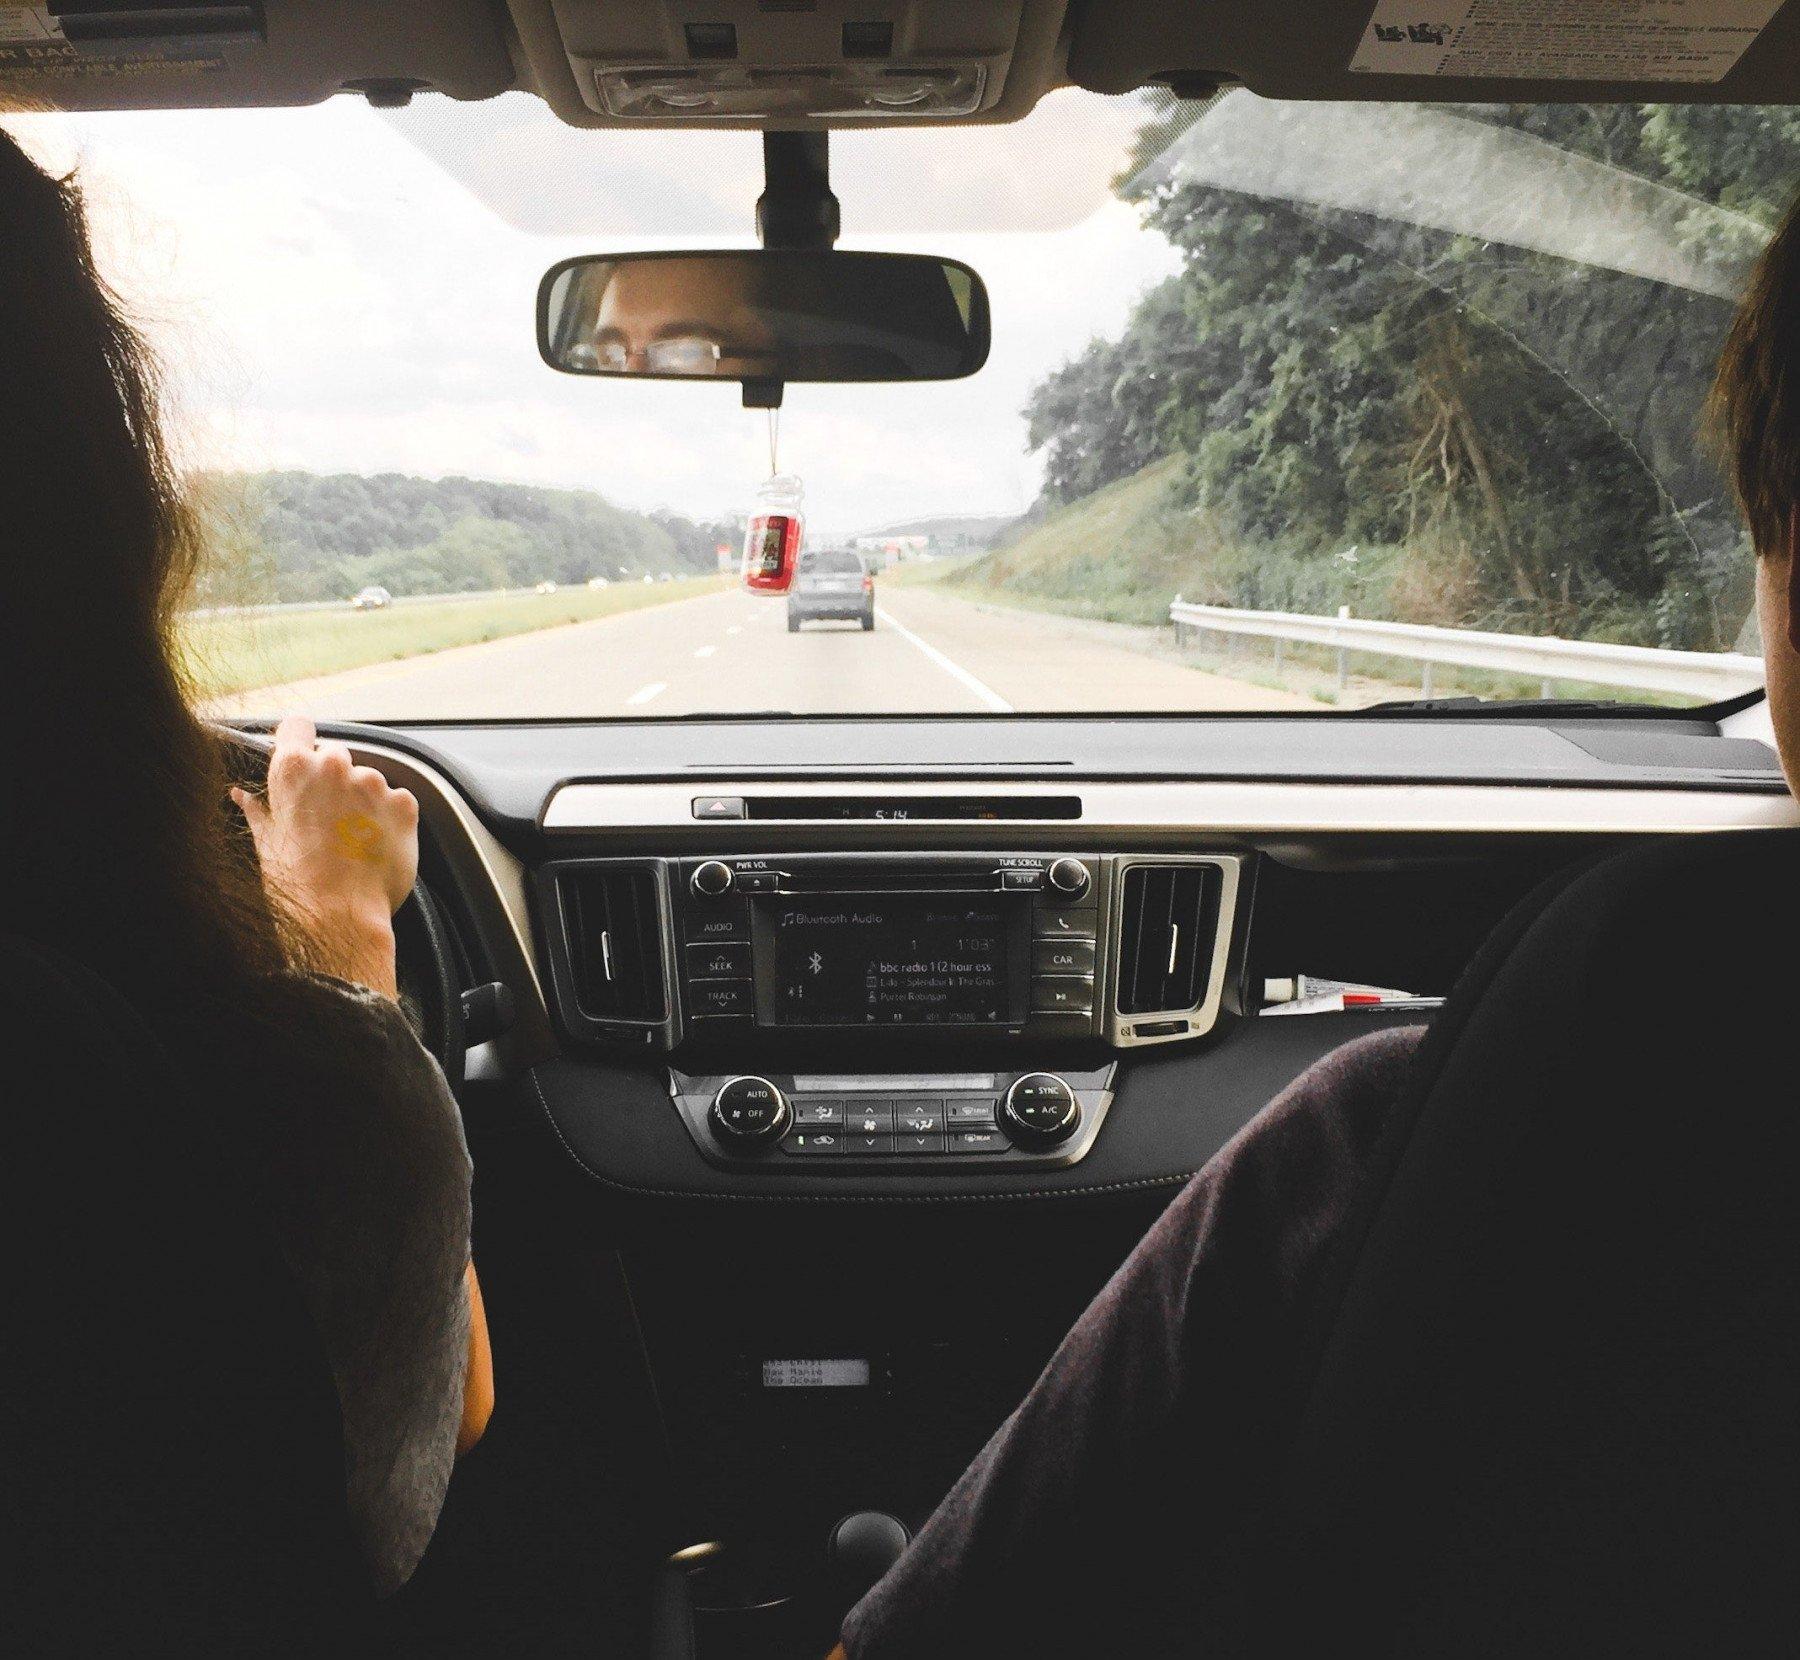 Personer sitter inuti en bil som kör på en landsväg